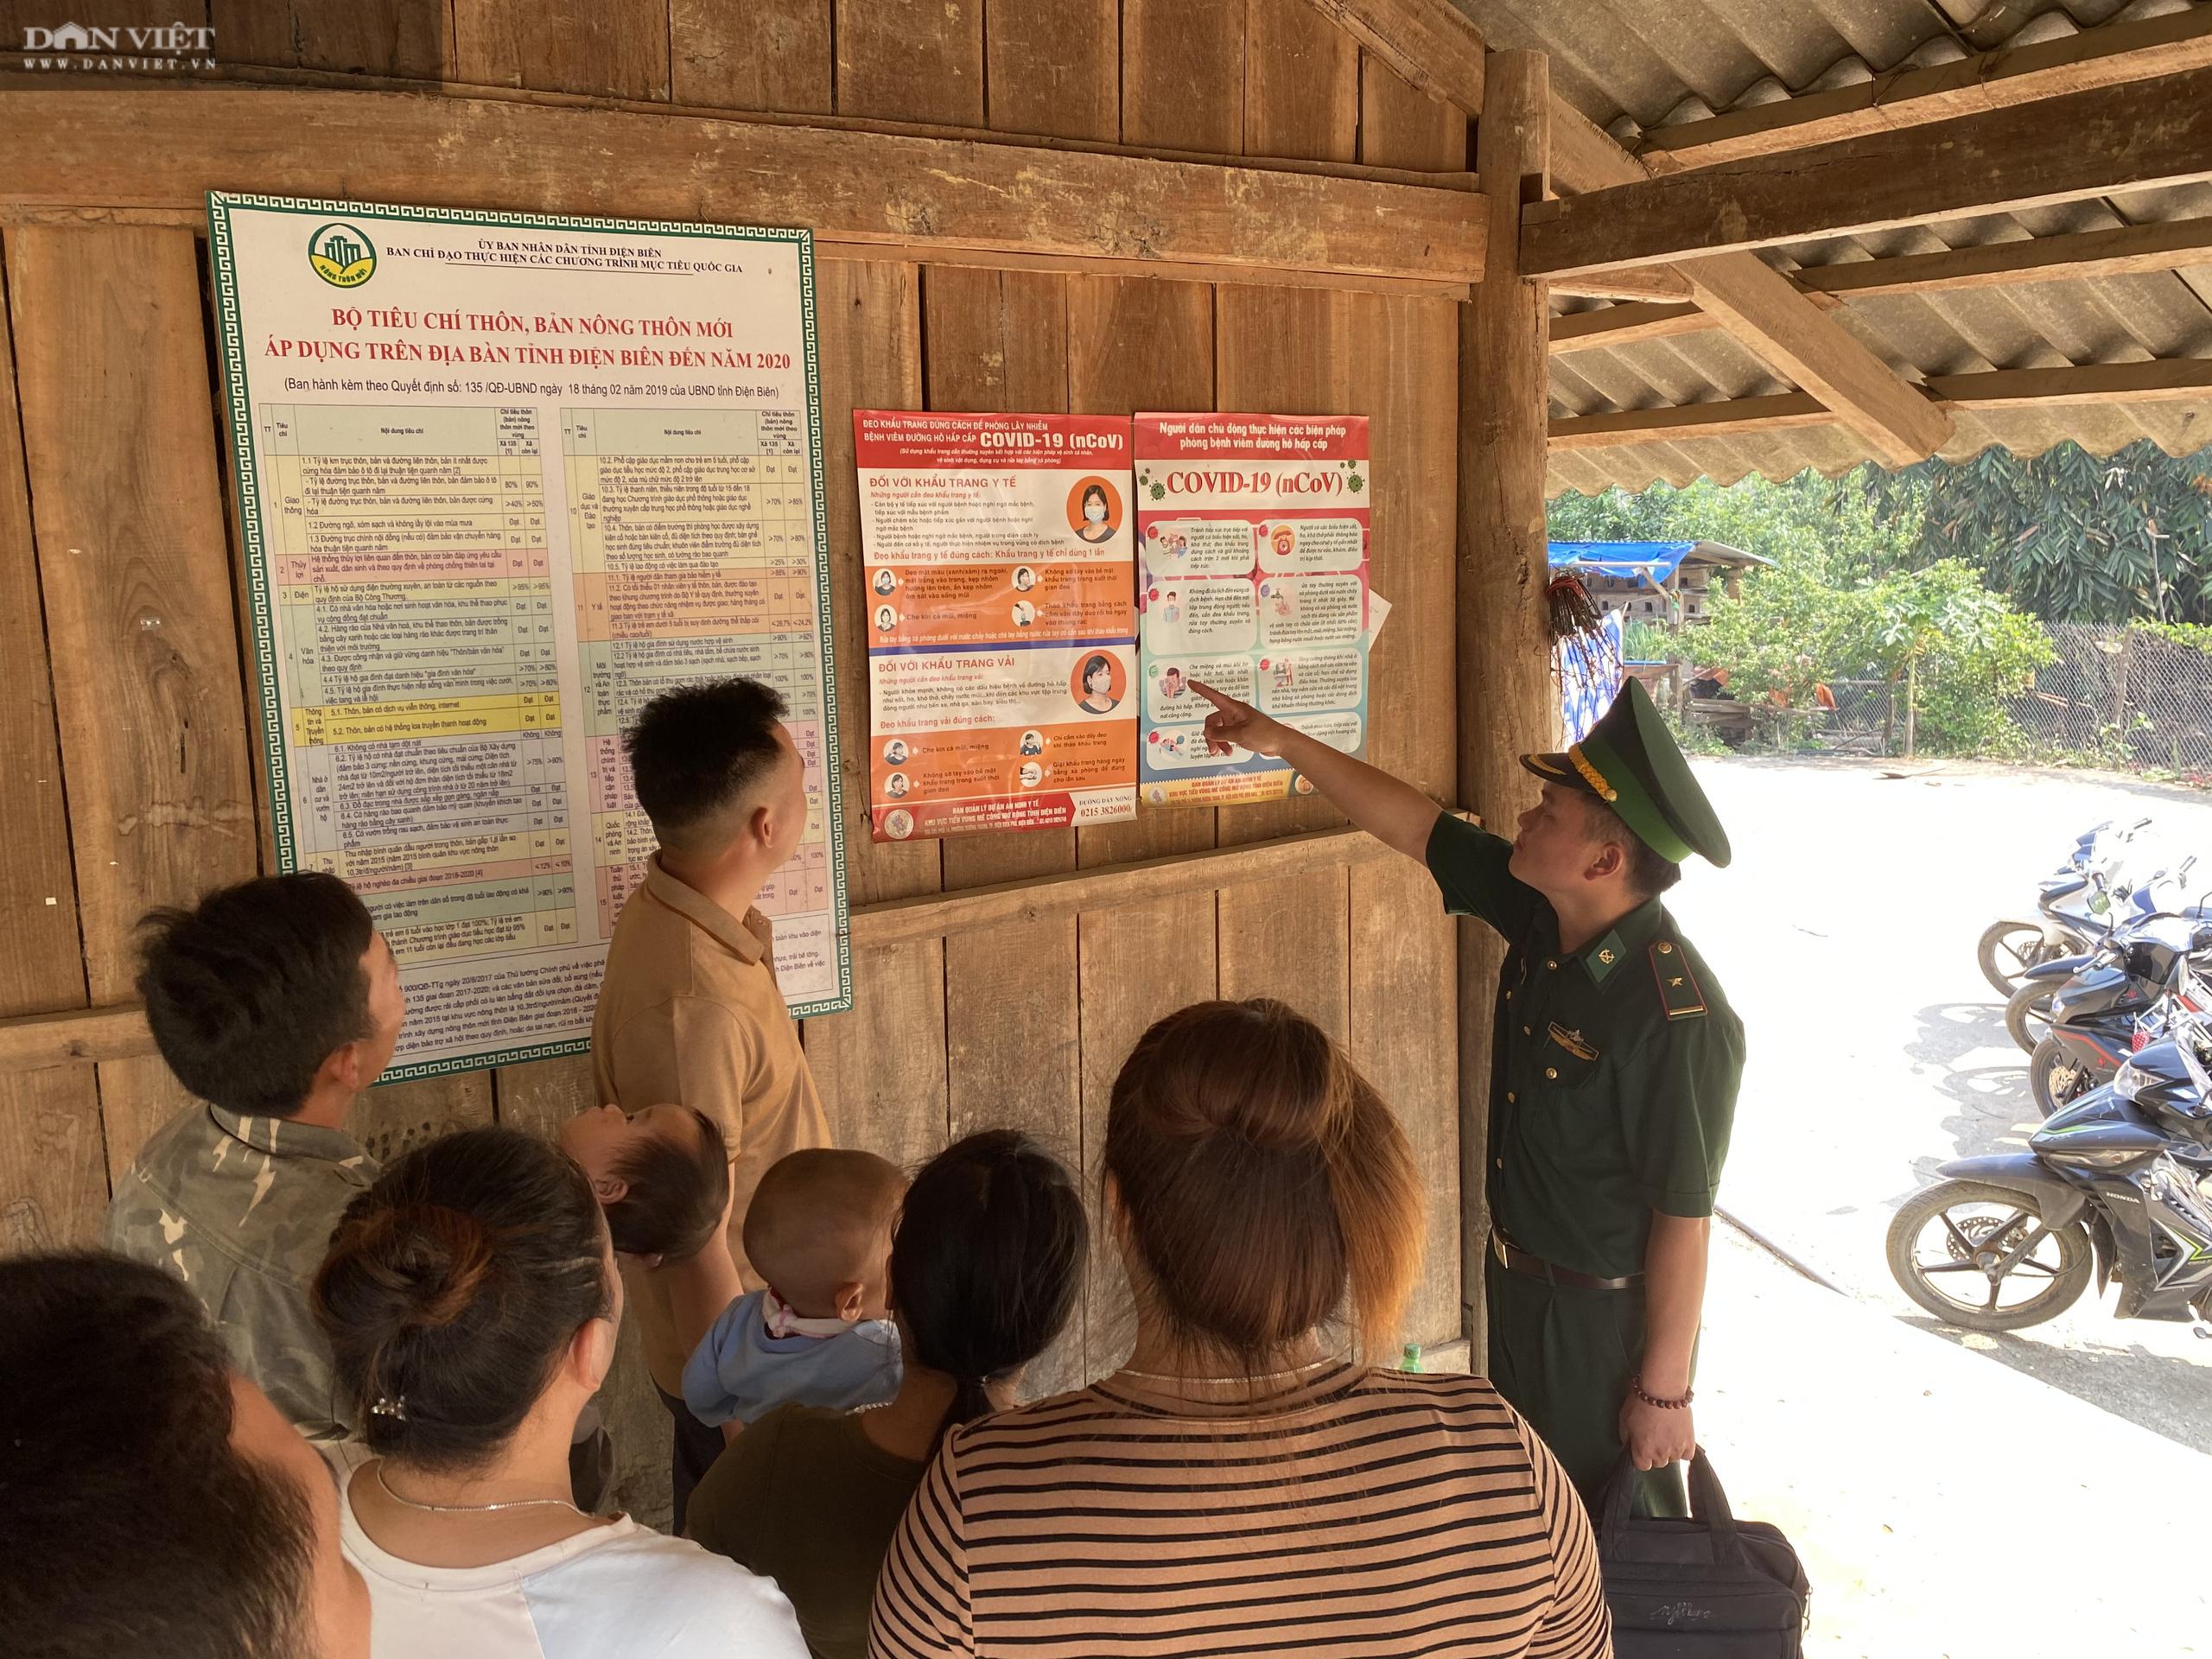 Phòng chống dịch Covid-19 ở Điện Biên: Nhân rộng mô hình tổ giám sát cộng đồng - Ảnh 4.